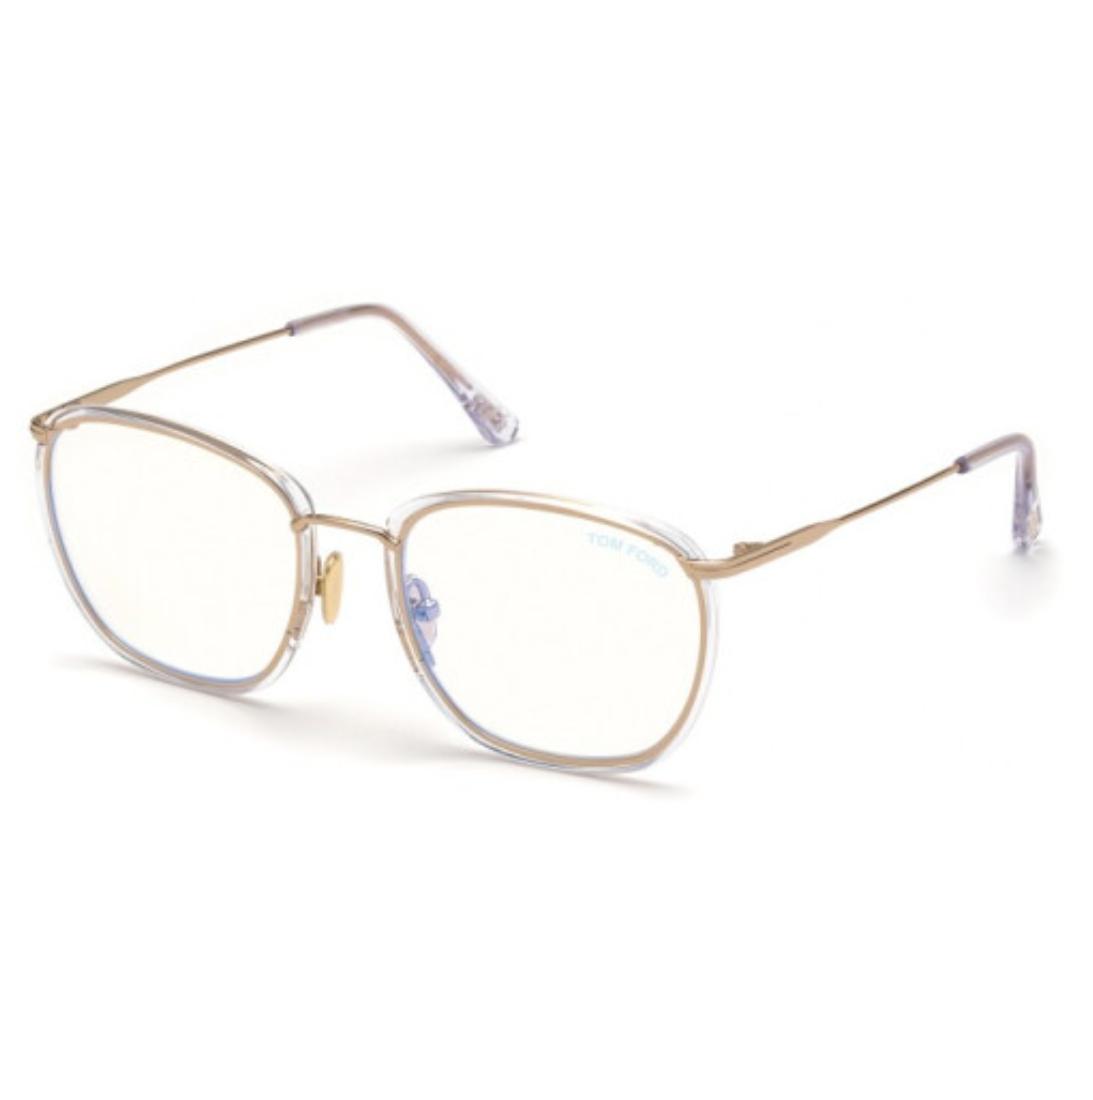 Tom Ford - FT5702-B 026 54 - Óculos de Grau